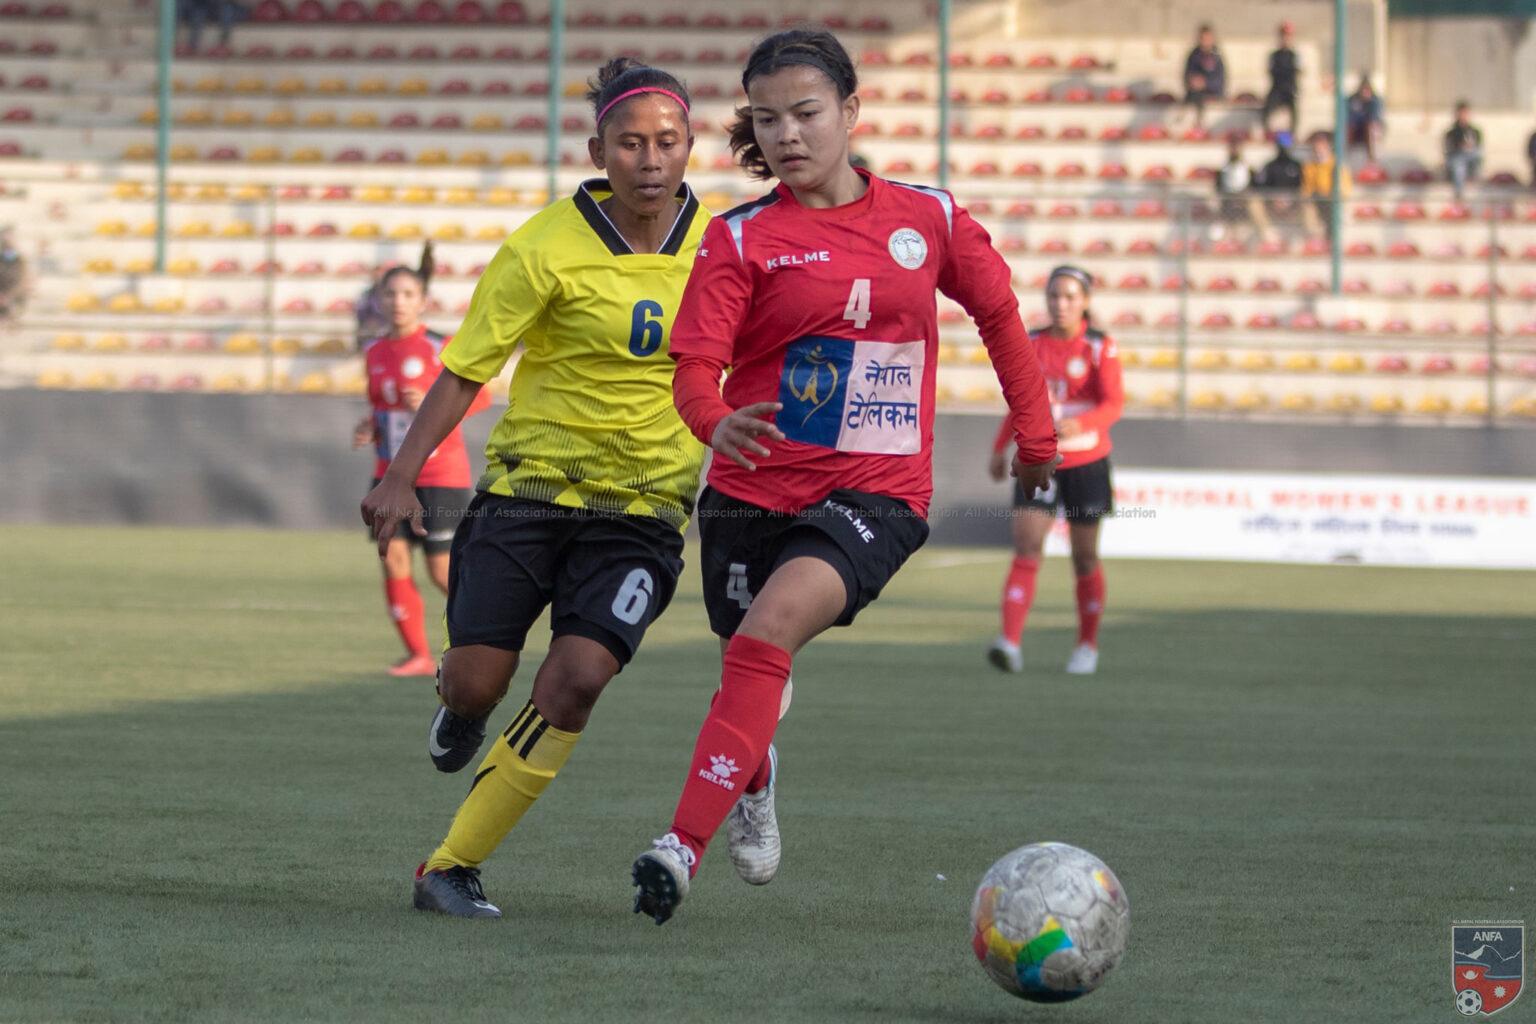 महिला लिग फुटबलको दोस्रो चरणका खेलहरु आजदेखि हुदै